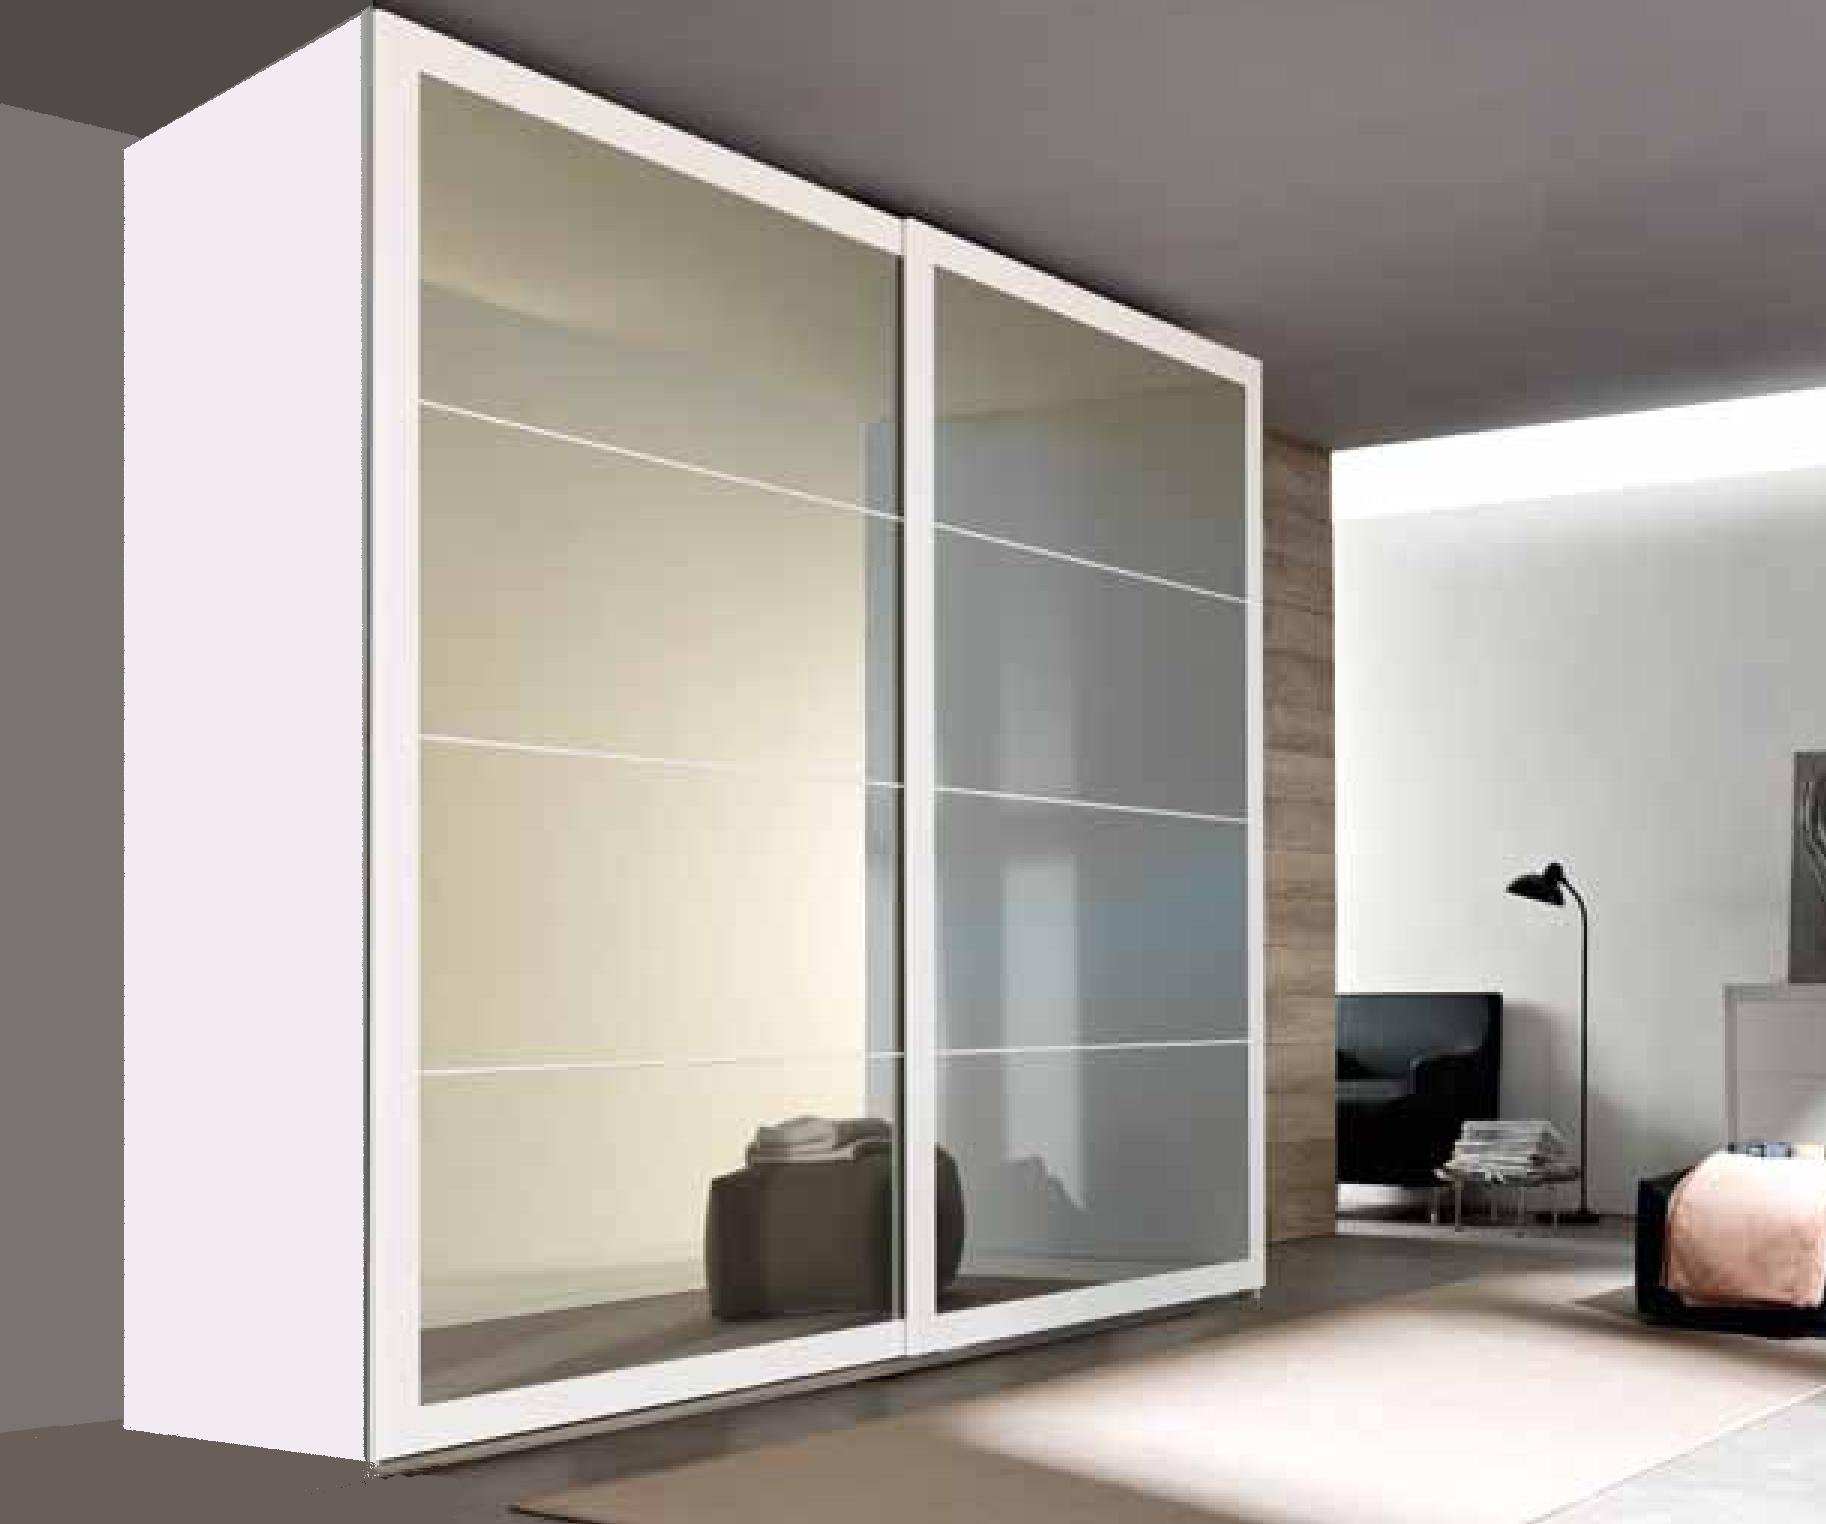 Armario de puertas correderas giovana muebles tiendas de muebles en lleida - Tiendas de armarios ...